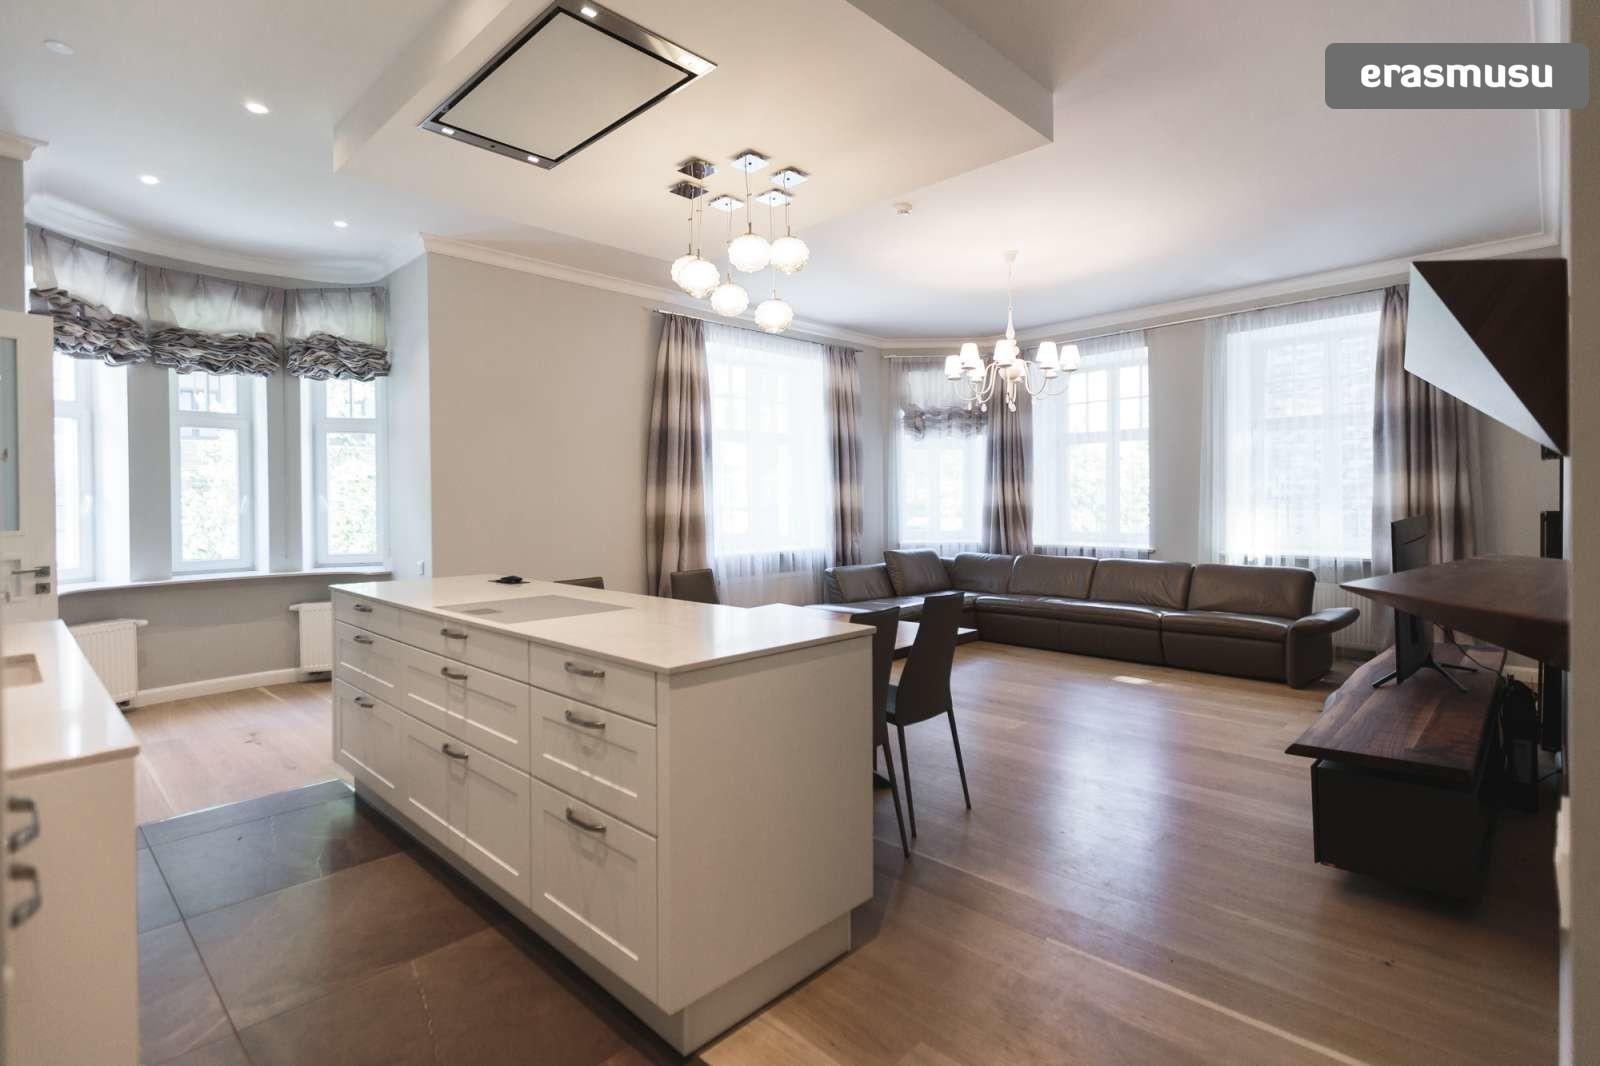 elegant-1-bedroom-apartment-rent-centrs-c9a3f6d6a0d15996055237e3